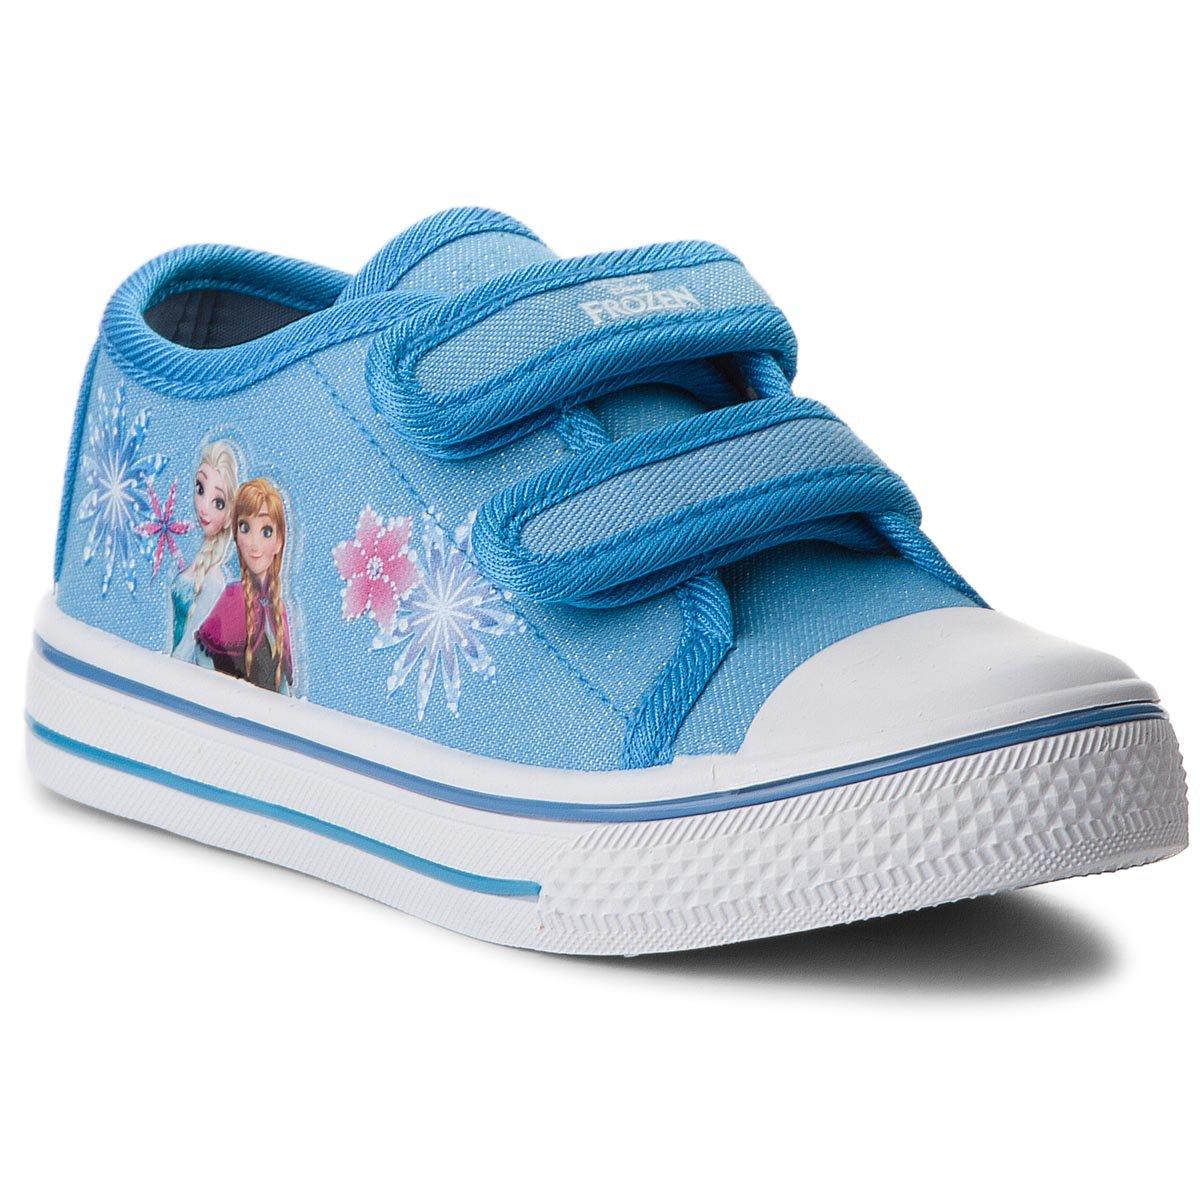 b4c1254280 Rövidszárú tornacipő Frozen CP40-31DFR Kék Gyerek - Lány - Tornacipők -  https://ccc.eu